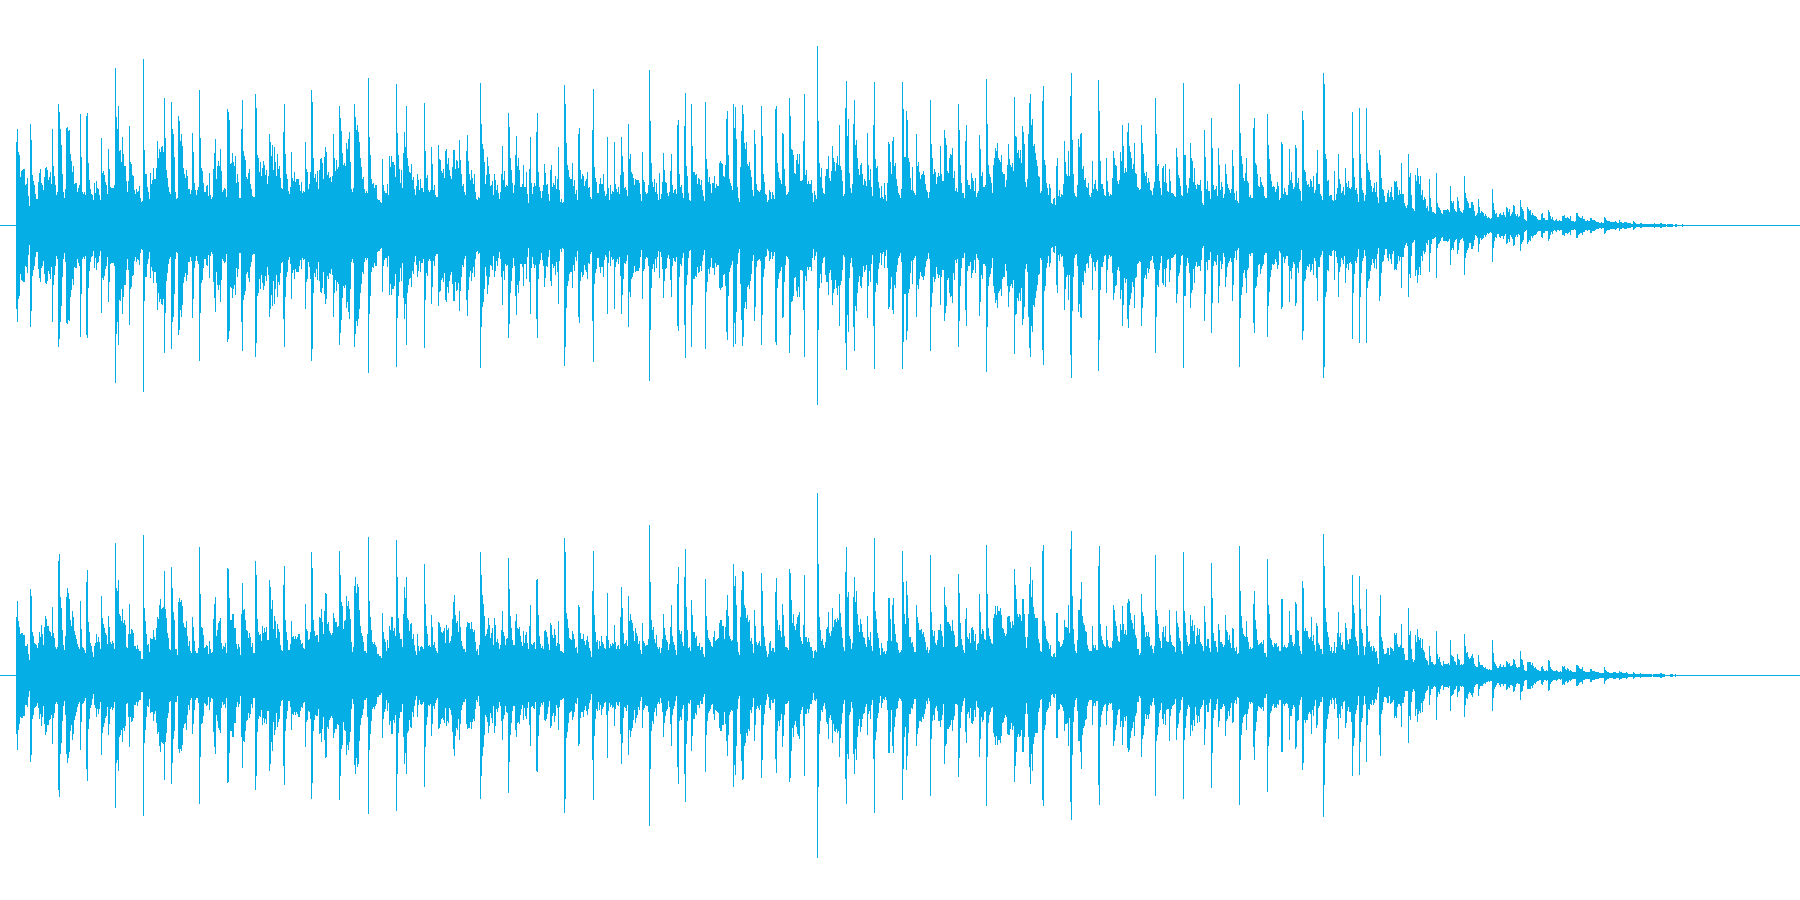 トランペットによる明るくわくわくする曲の再生済みの波形